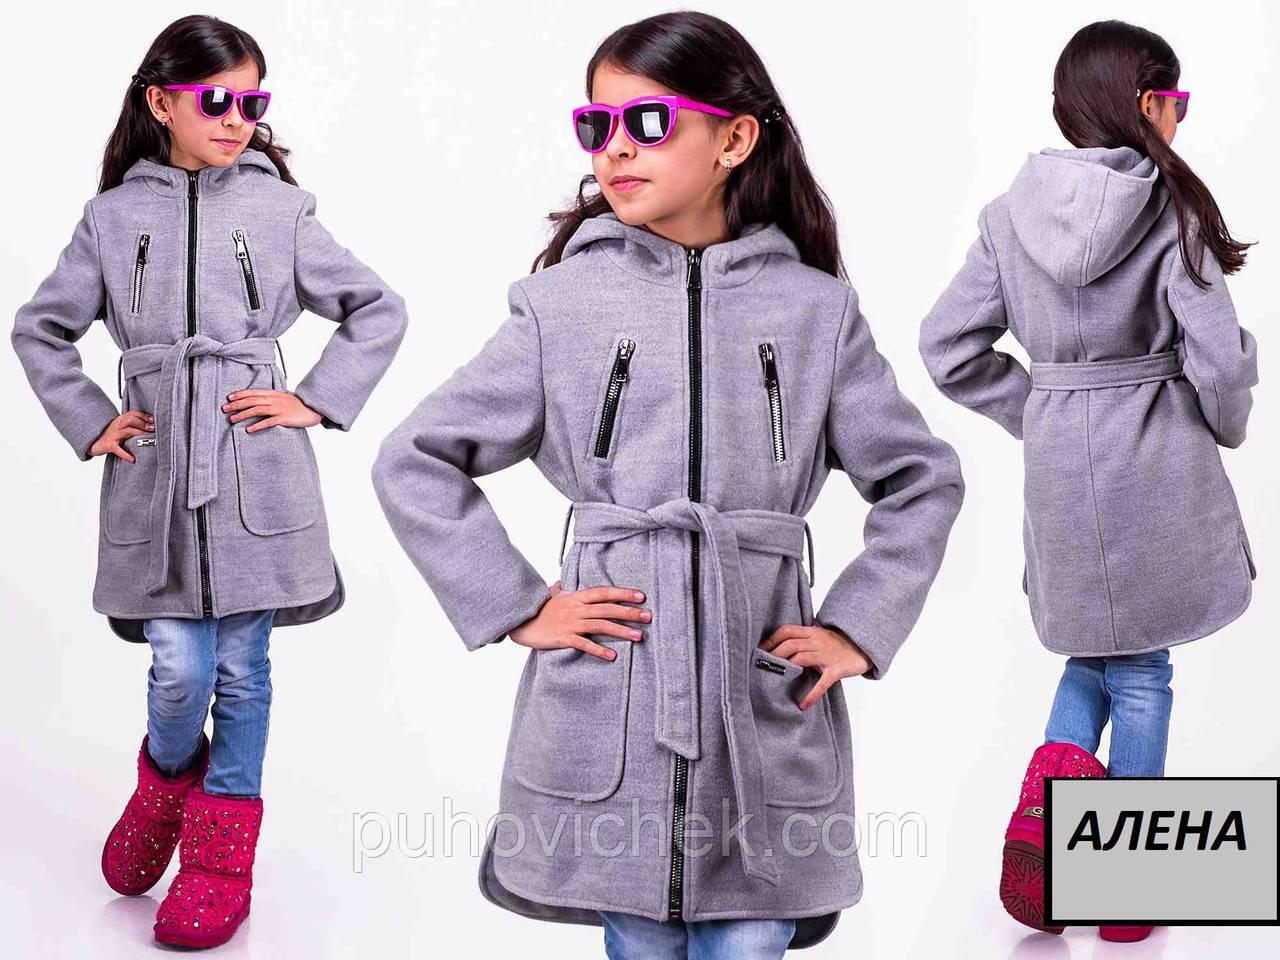 Детское пальто из кашемира для девочки интернет магазин